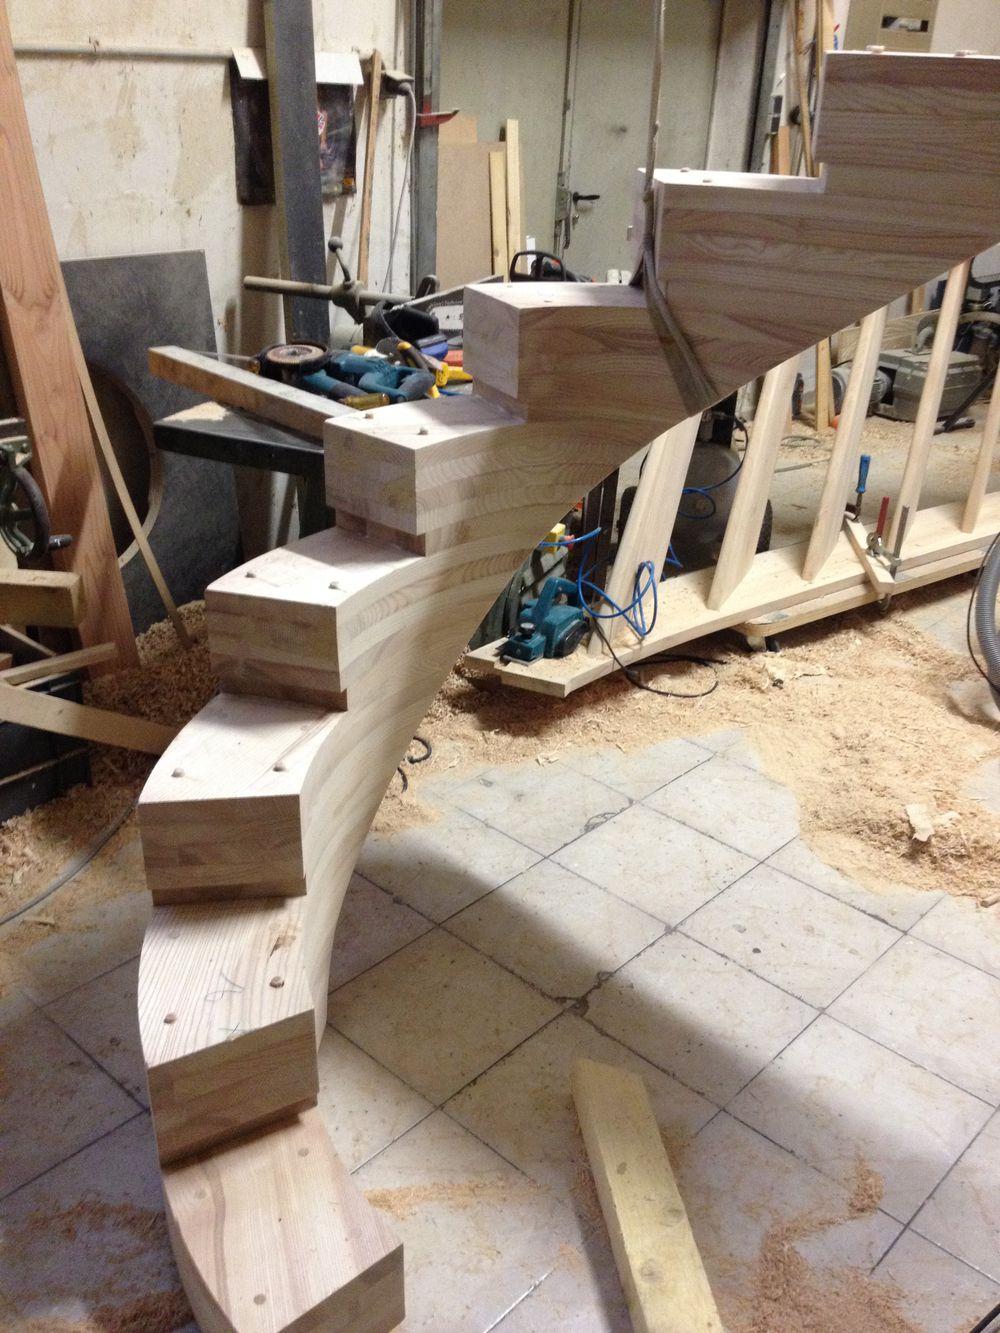 escalier cr maill re centrale d billard e en fr ne massif charpente 38 entreprise afd. Black Bedroom Furniture Sets. Home Design Ideas